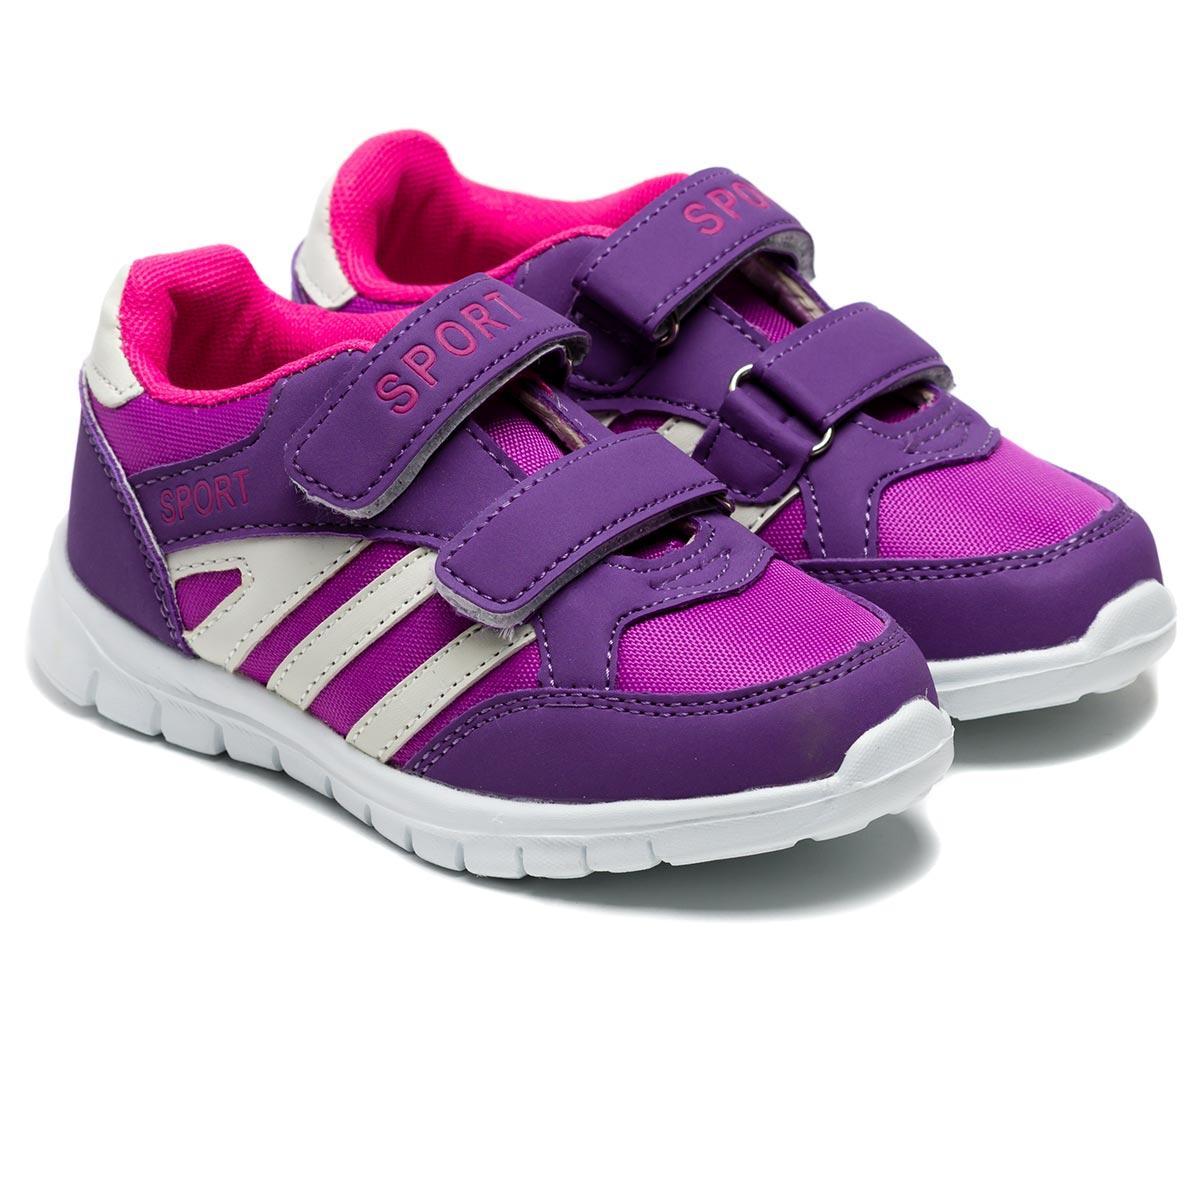 Спортивные кроссовки Солнце для девочек